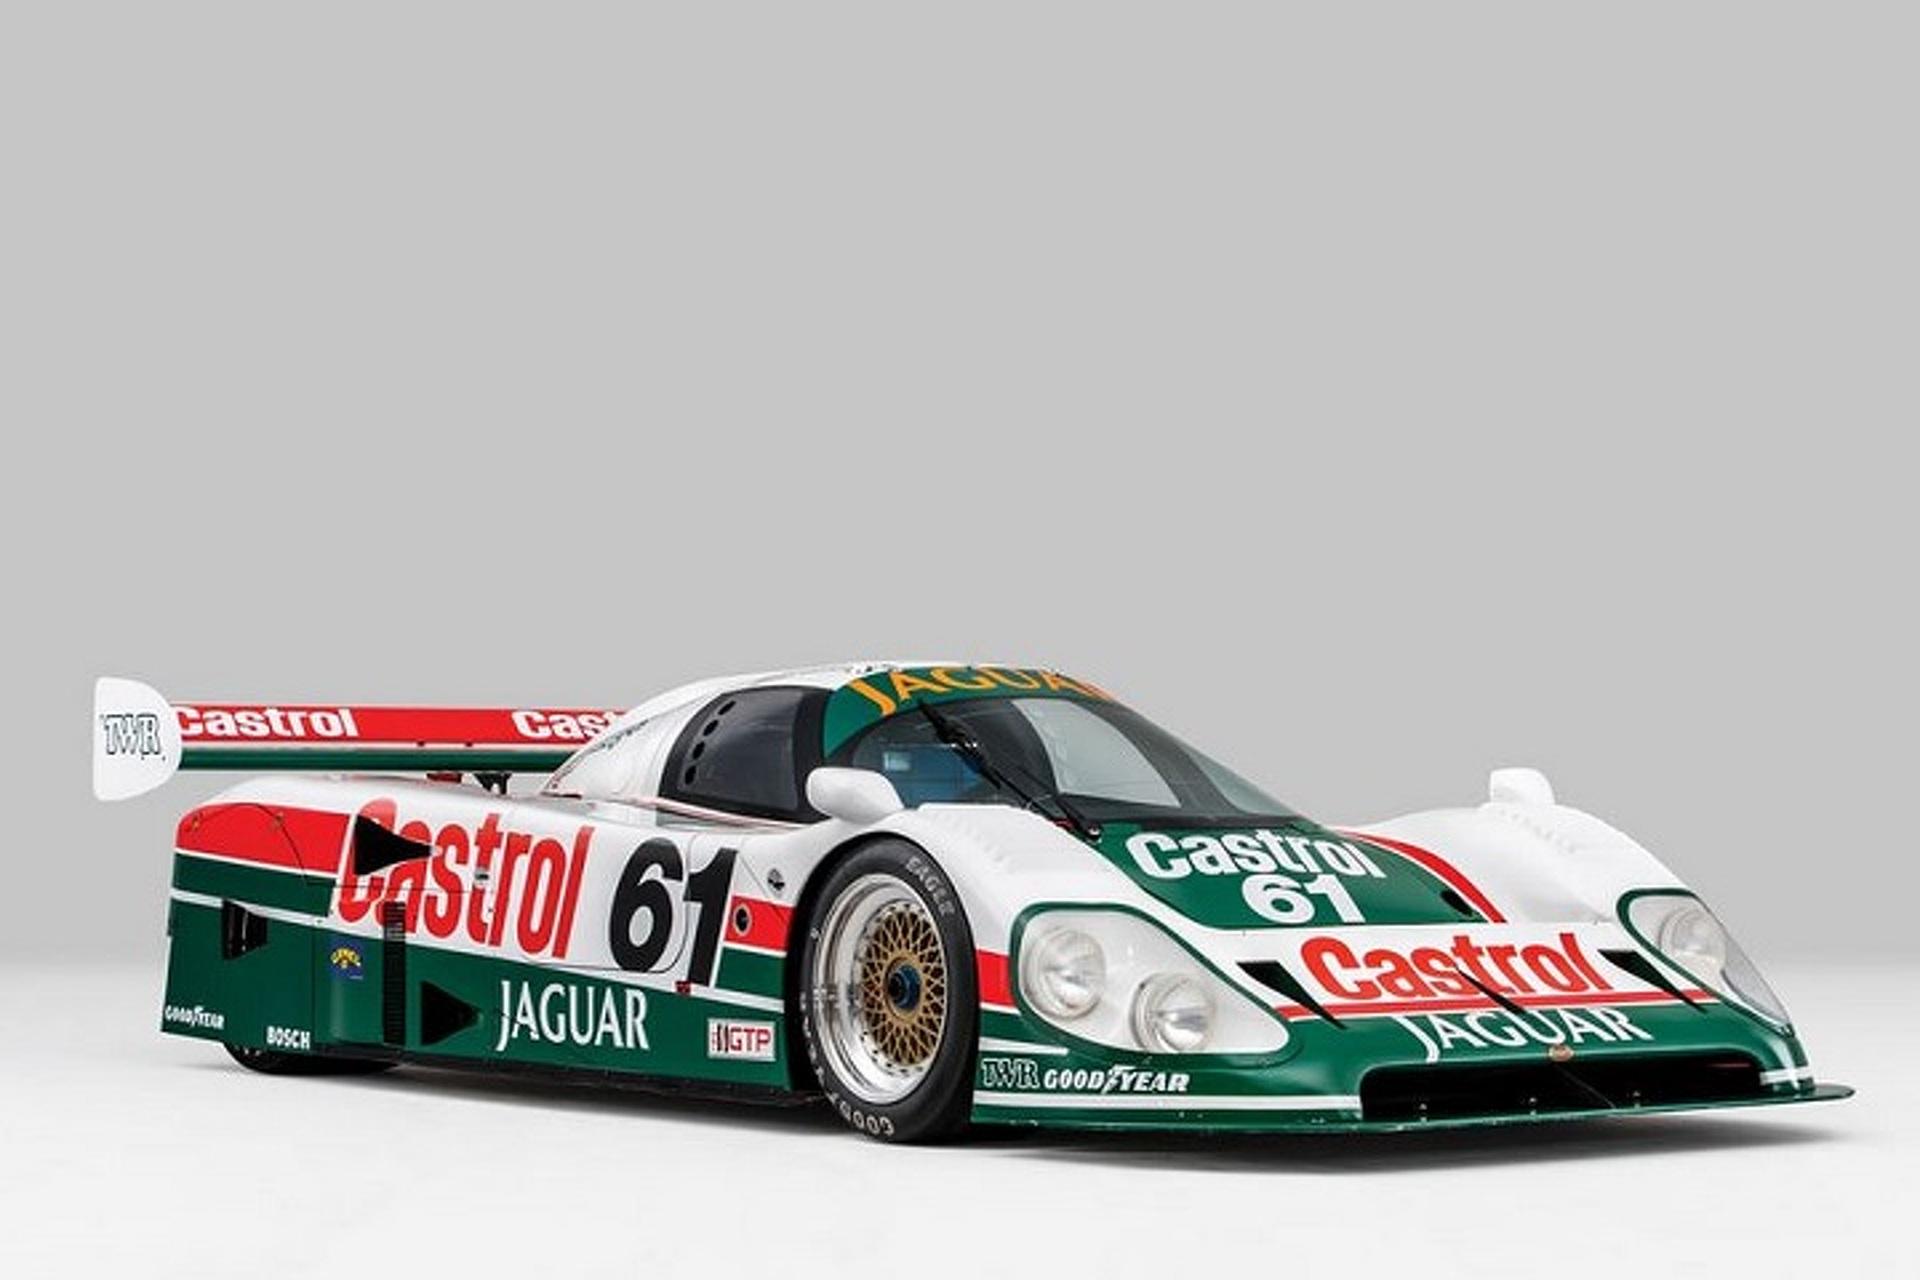 Check Out the 241MPH Jaguar XJR-9 Racecar